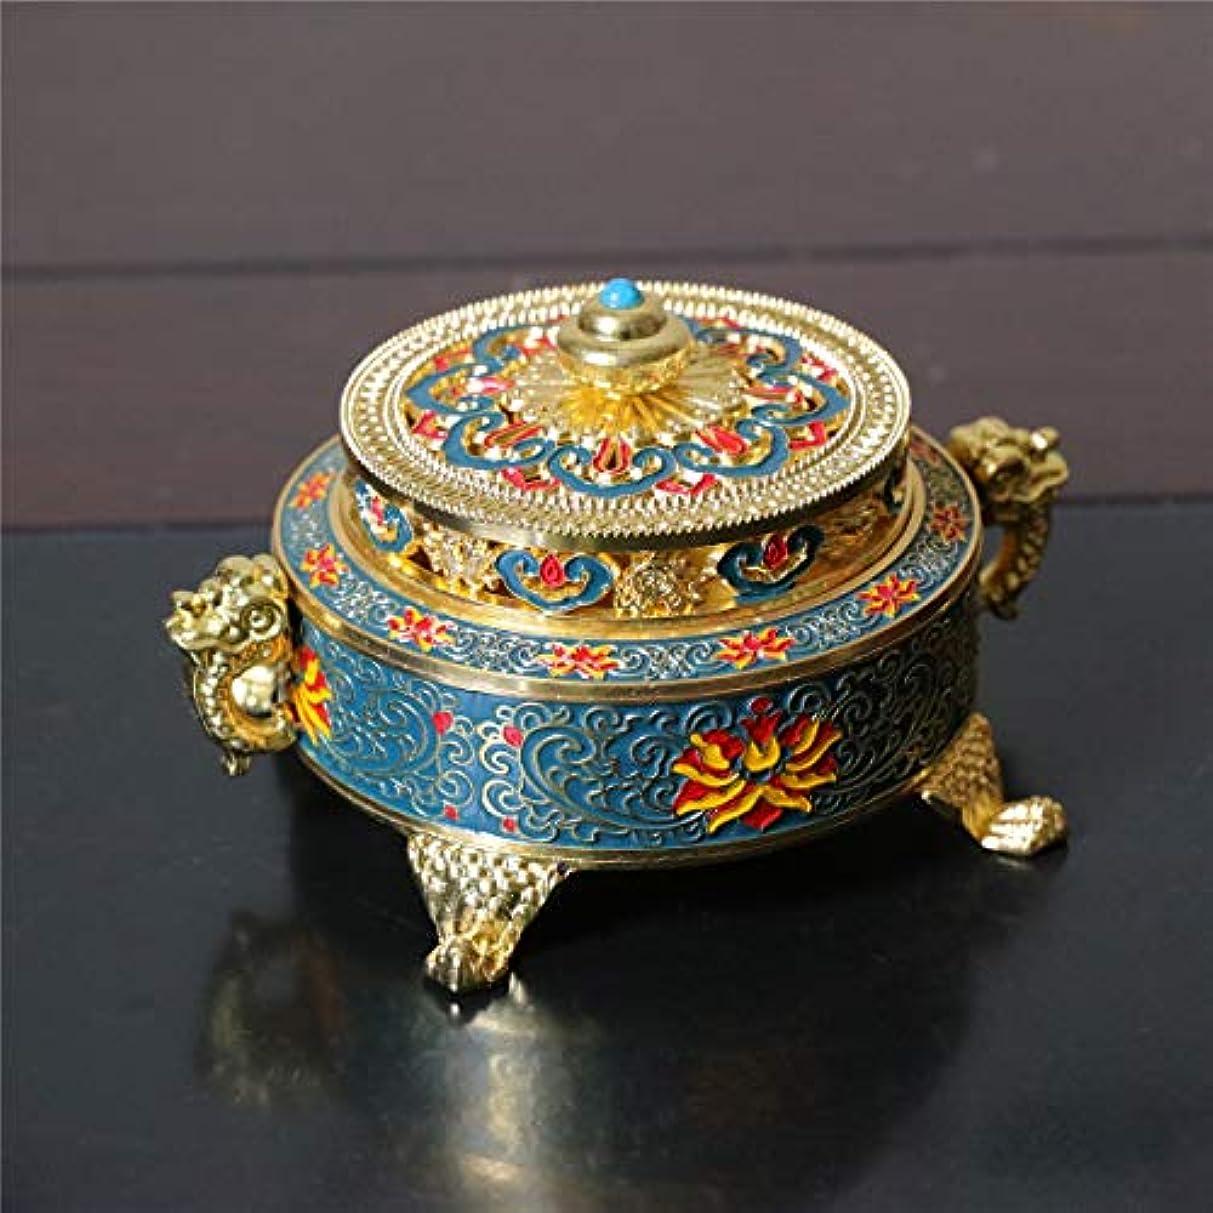 スペシャリスト流体ずらすPHILOGOD 香炉 美しく印刷渦巻き線香 香立て 仏壇用 香皿 (Blue Enamel)